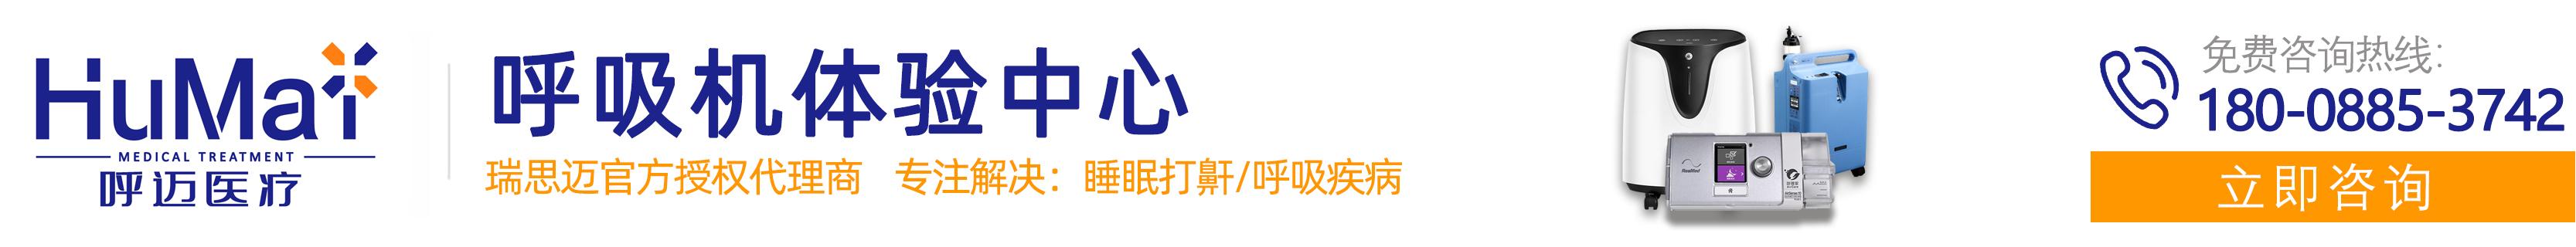 云南呼迈商贸有限公司